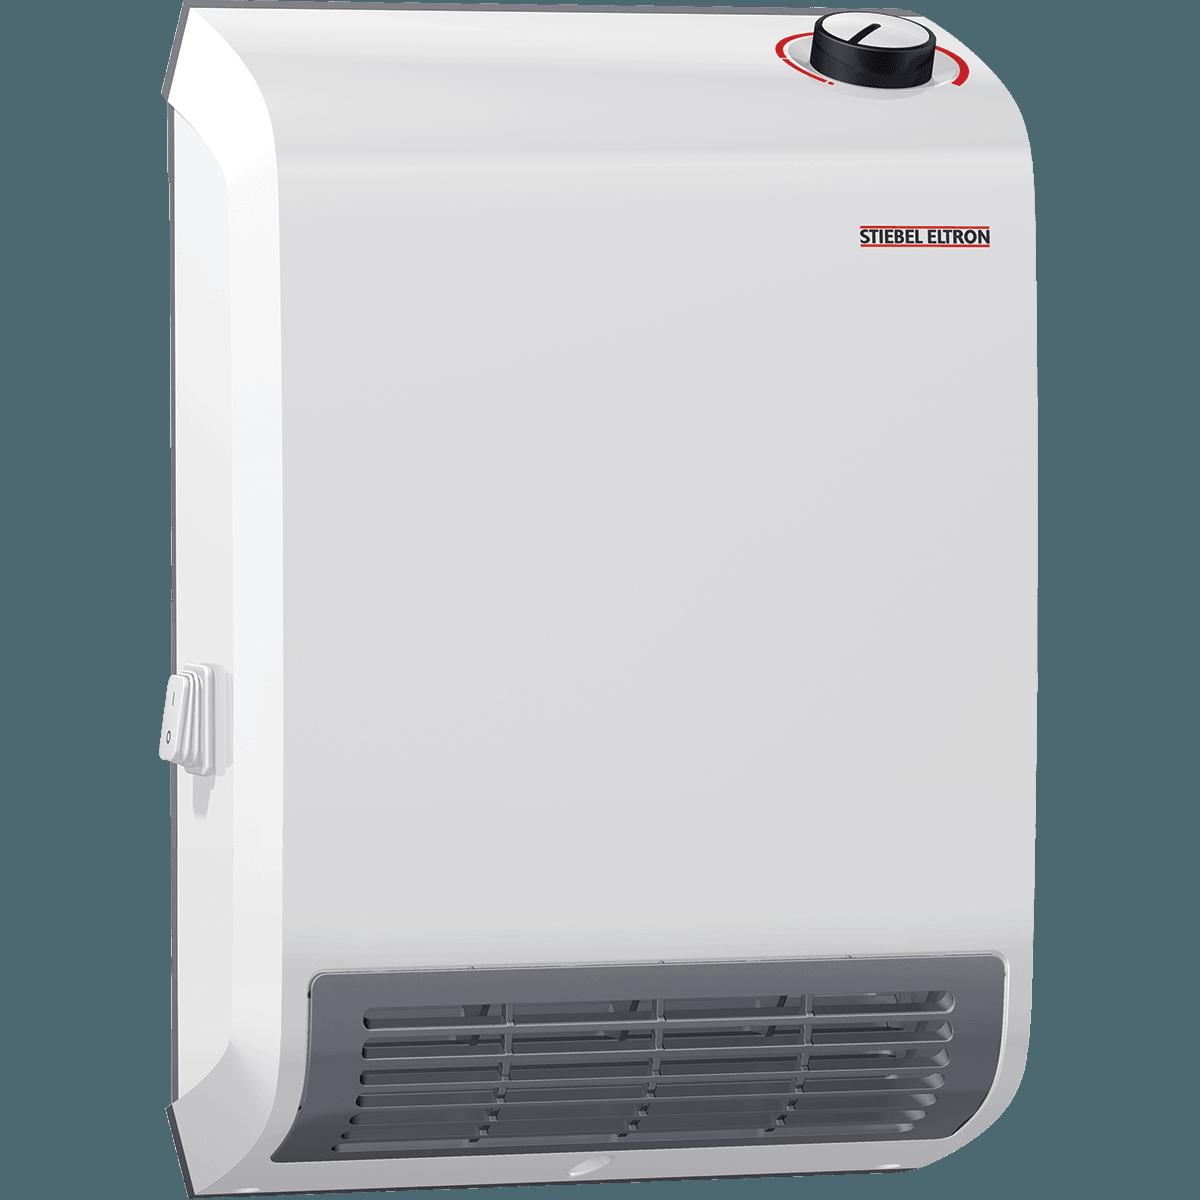 Buy Cheap Stiebel Eltron Ck Trend Wall Mounted Electric Fan Heater 120v Bestairpurifiers Best Air Airpurifier In 2020 Wall Mounted Heater Air Purifier Electric Fan